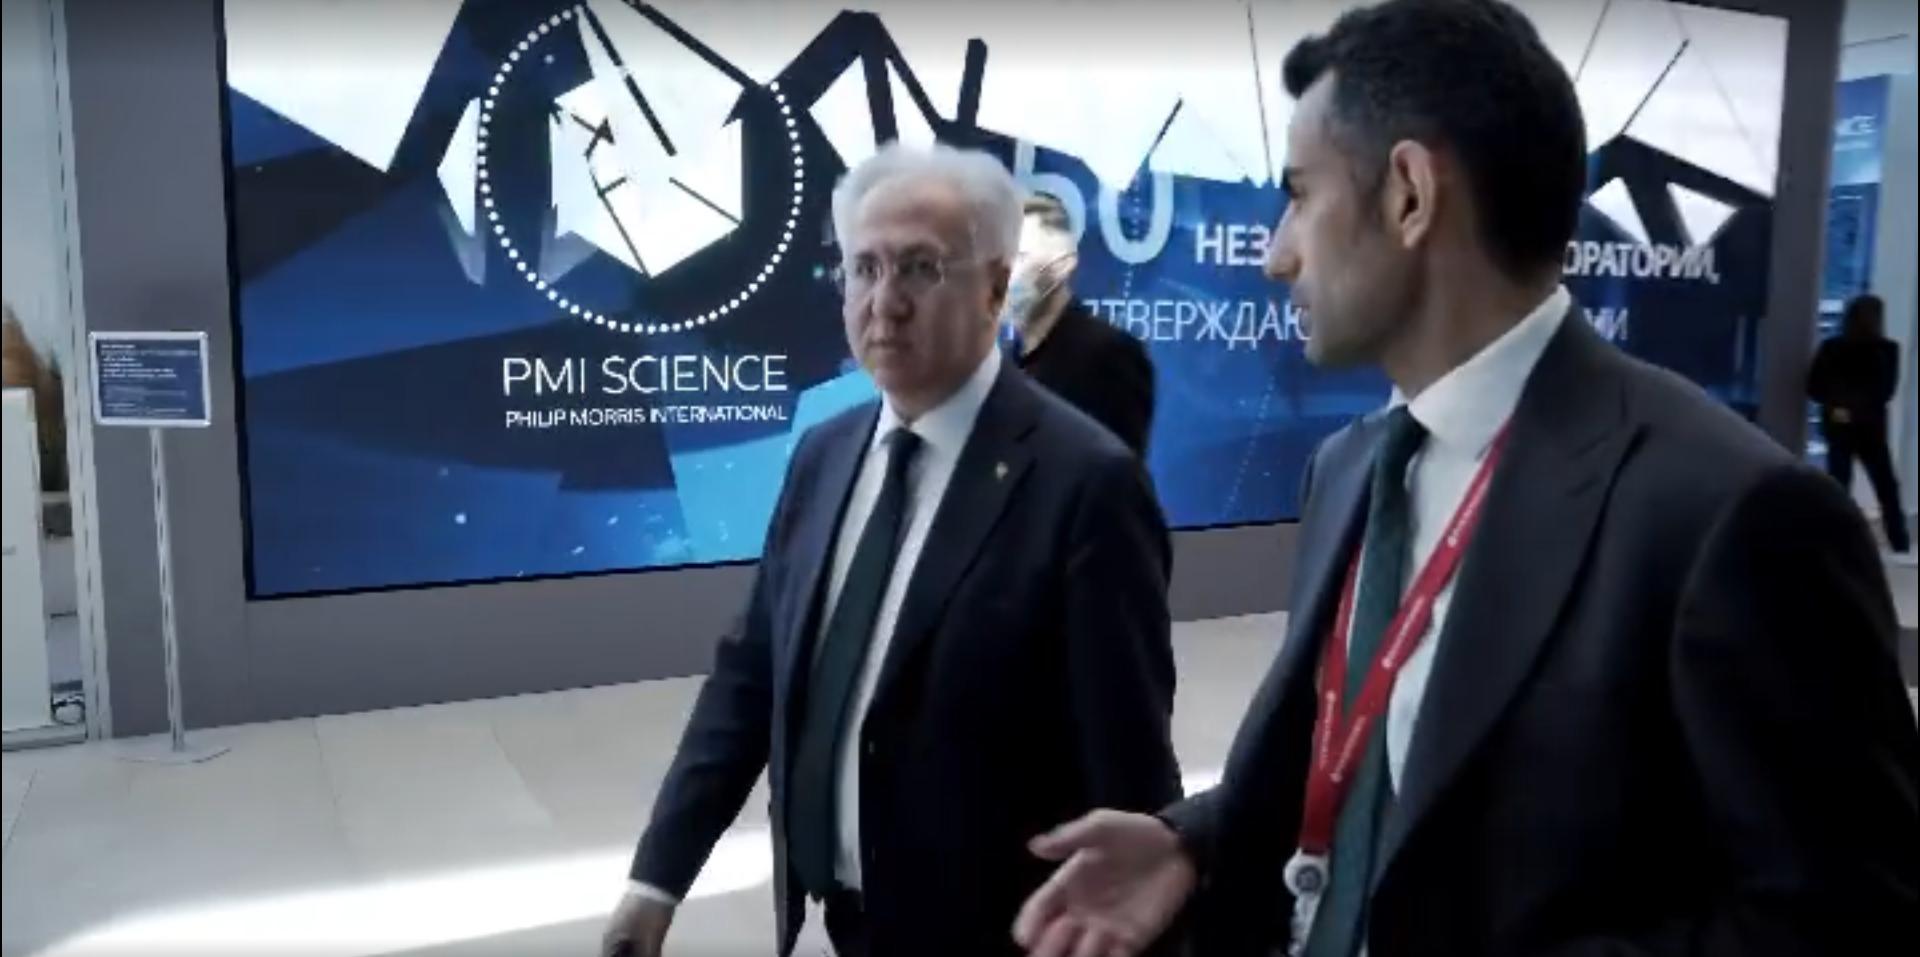 Рашид Исмаилов: инвестируя в экологию, инвестируешь в будущее